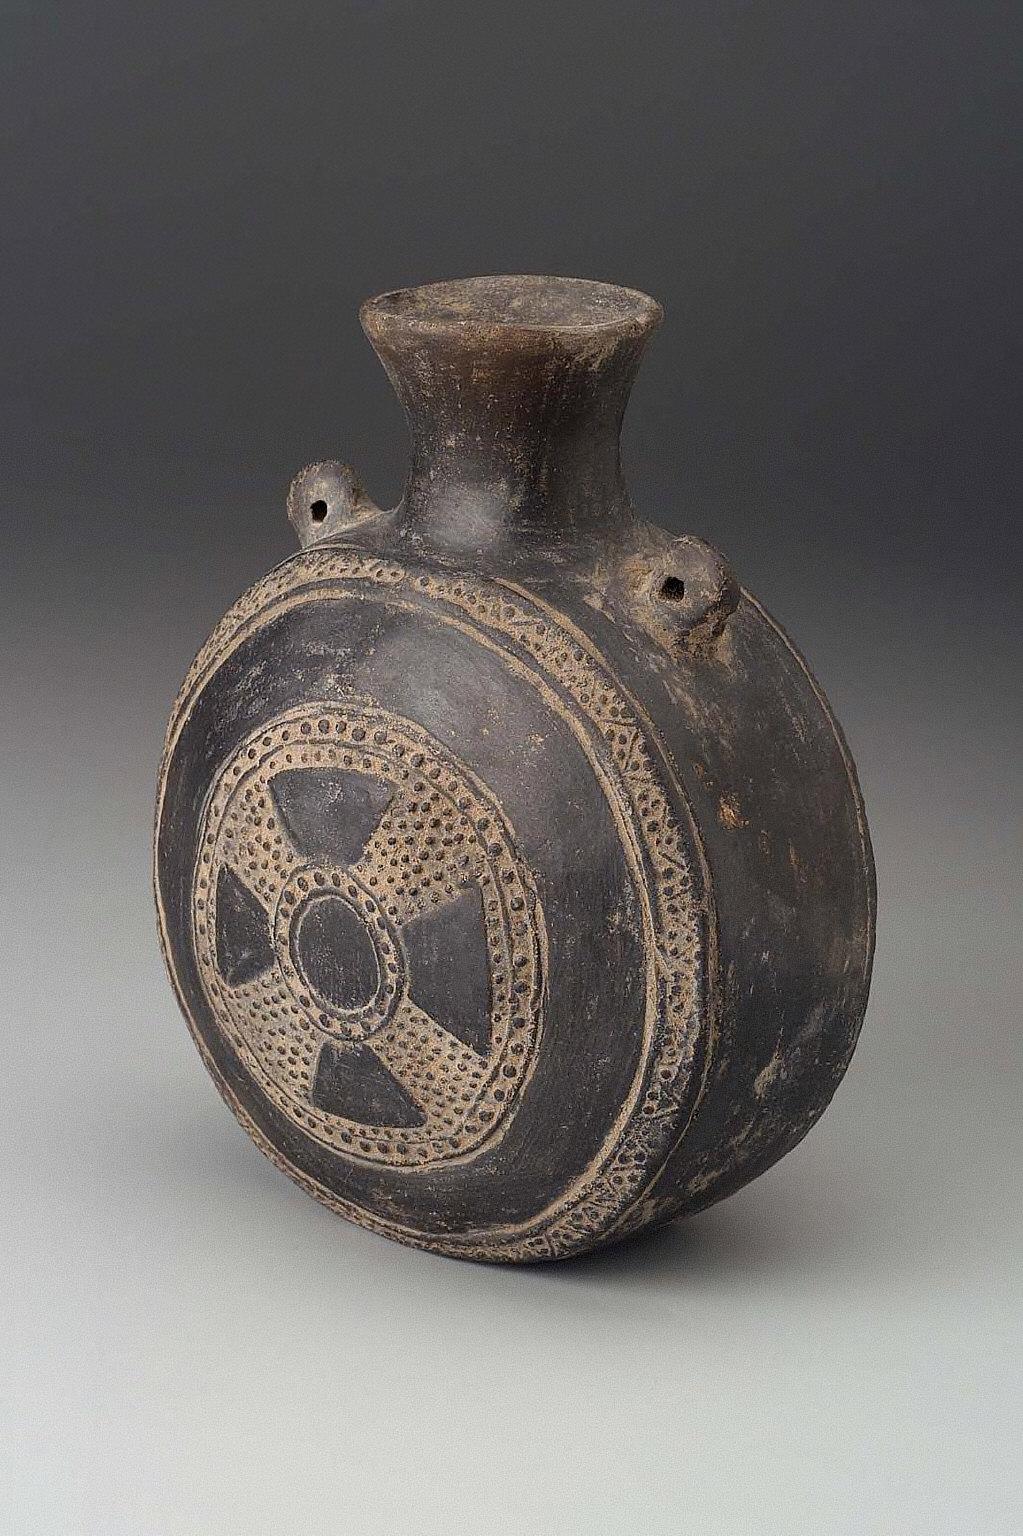 Flask-shaped jar